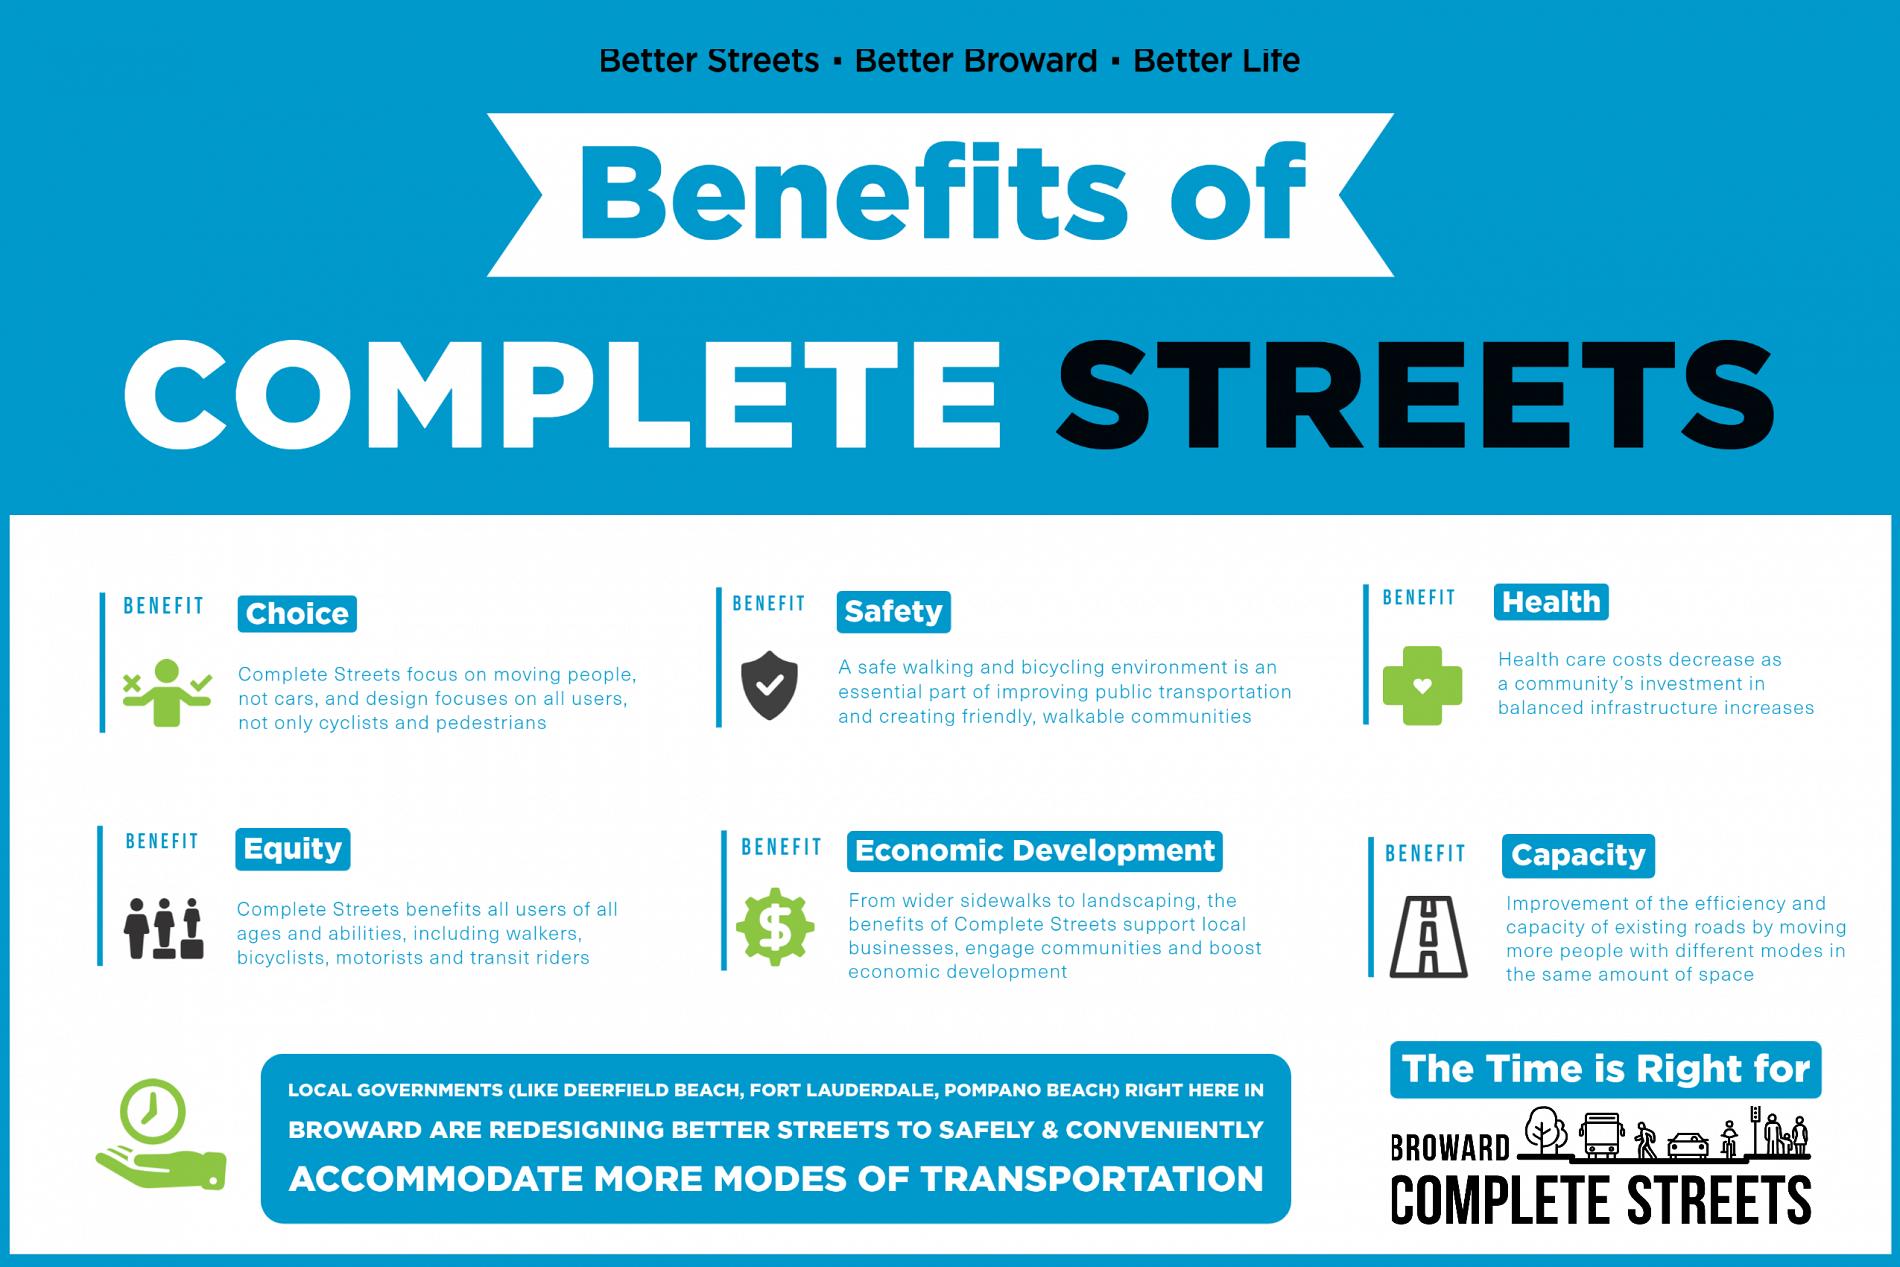 BCS Benefits